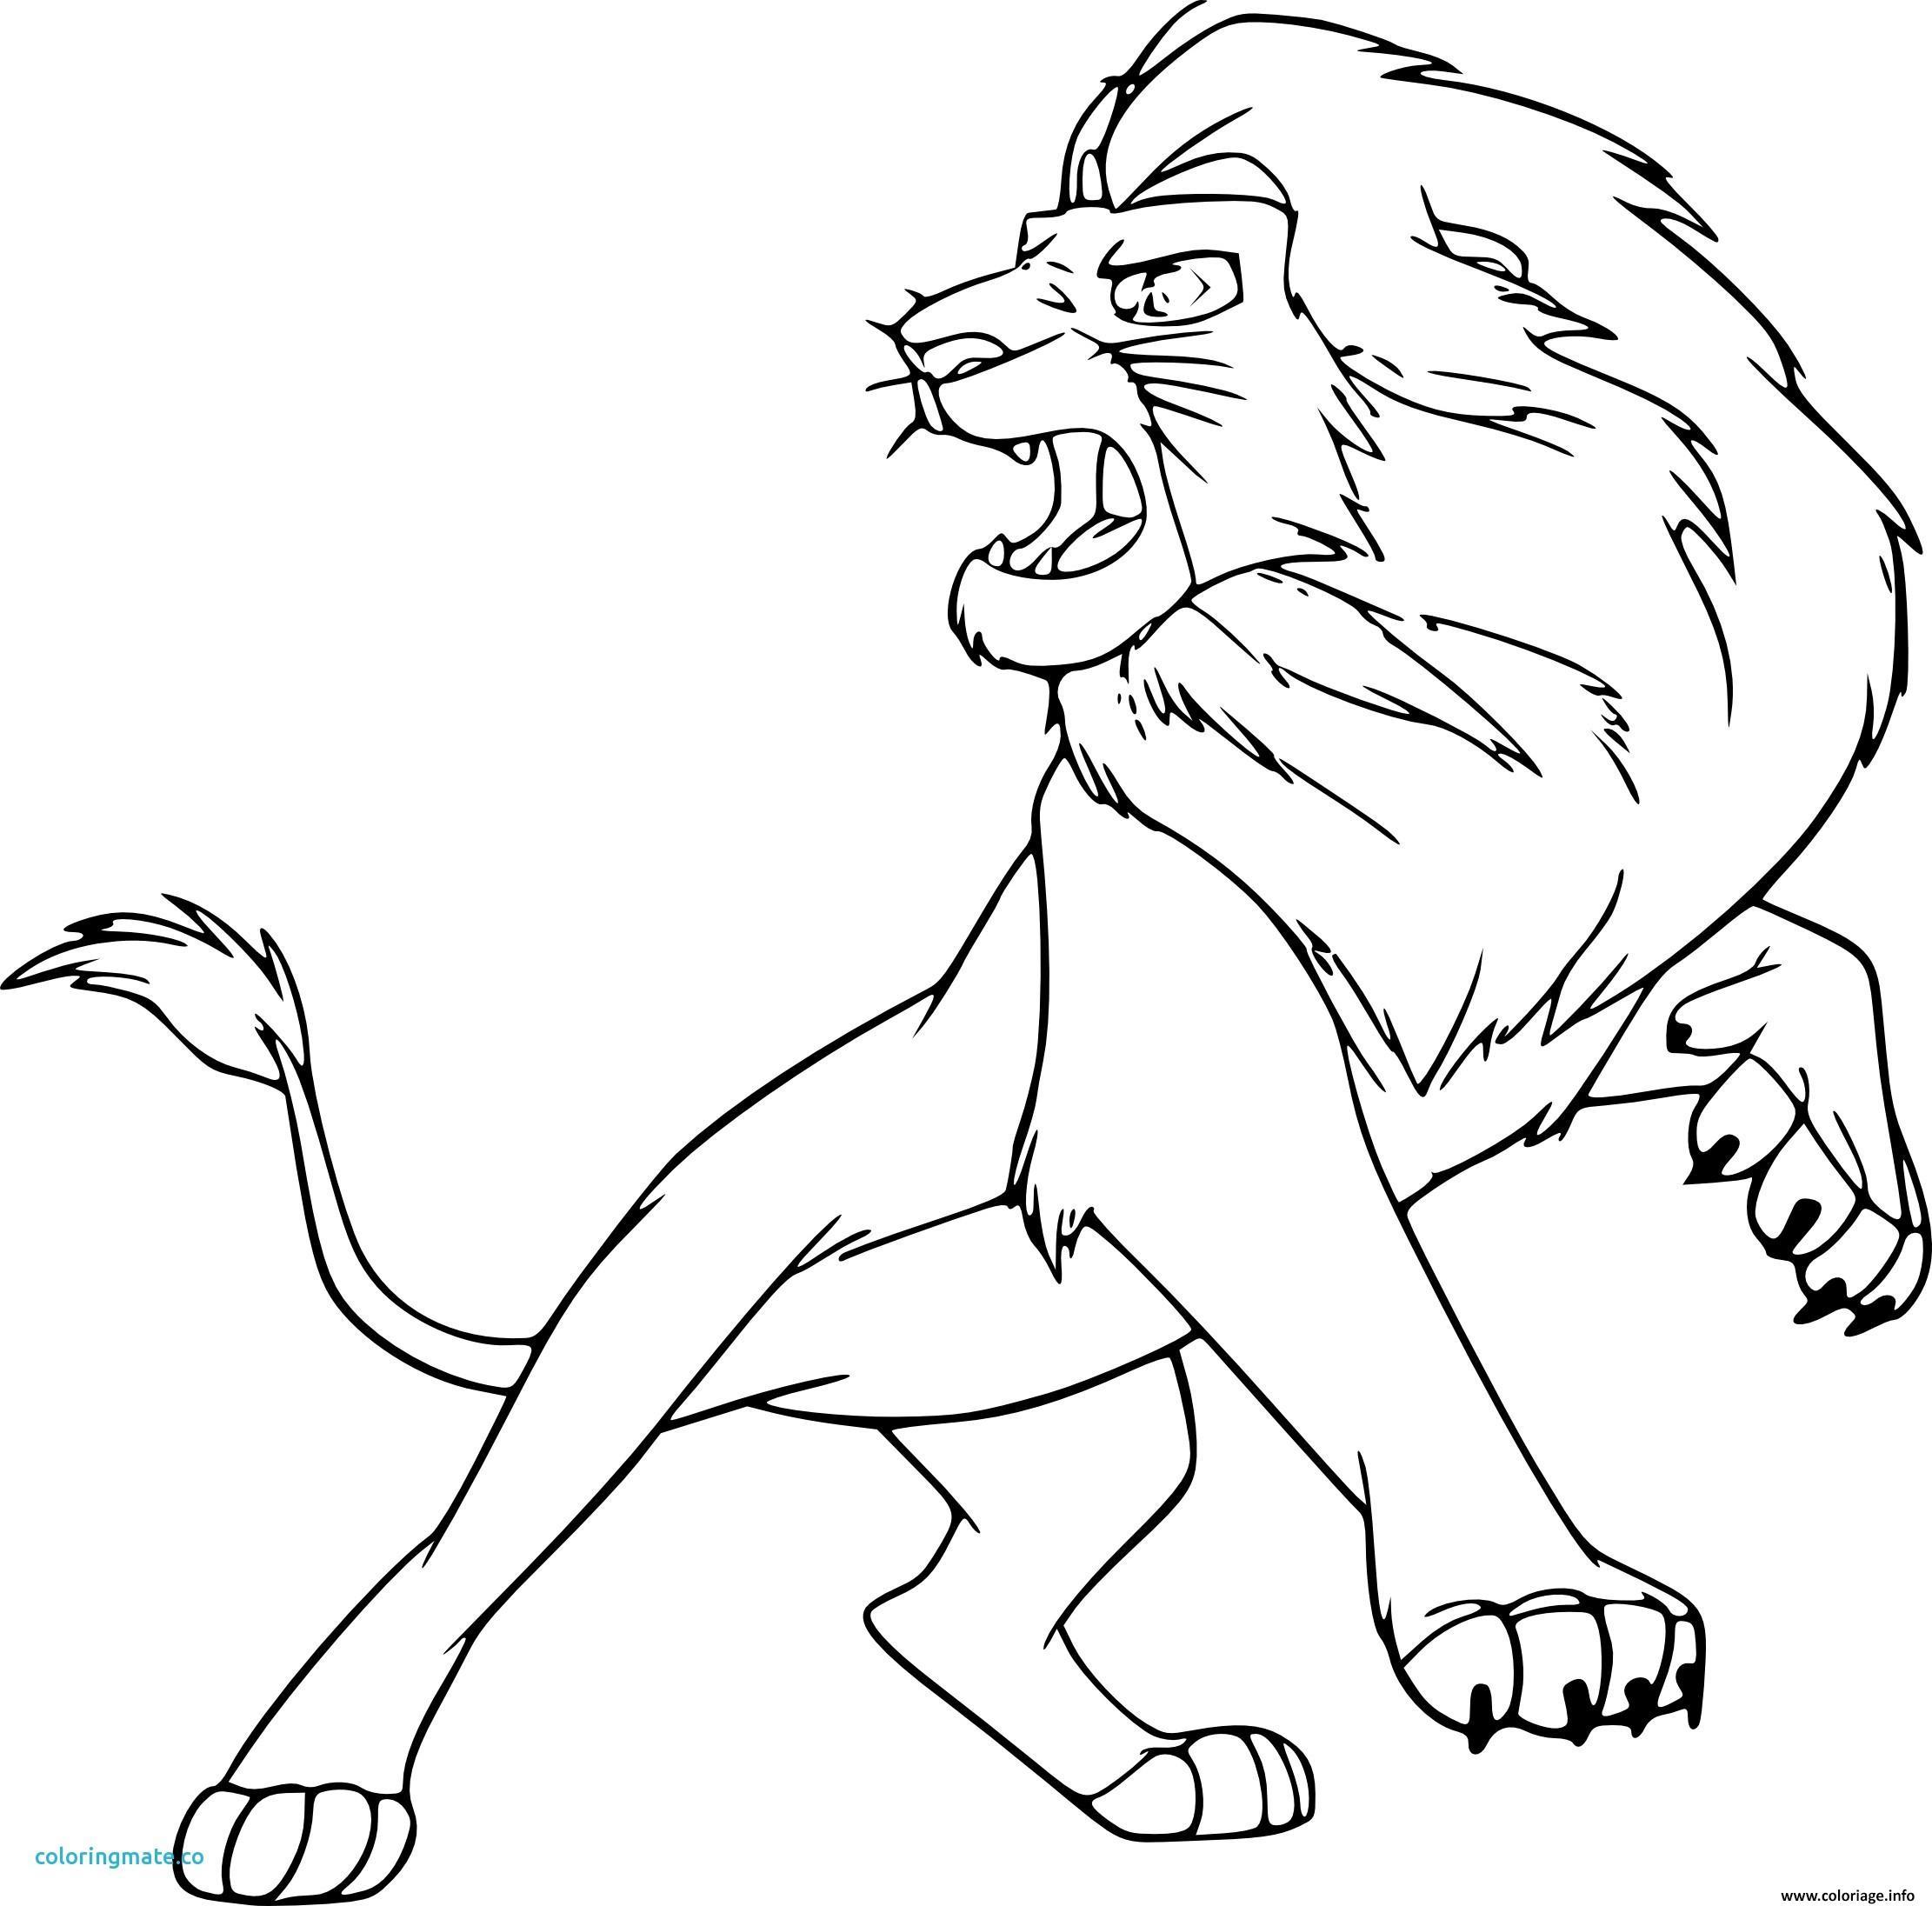 Coloriage Animaux Lion De Gulli Dessin